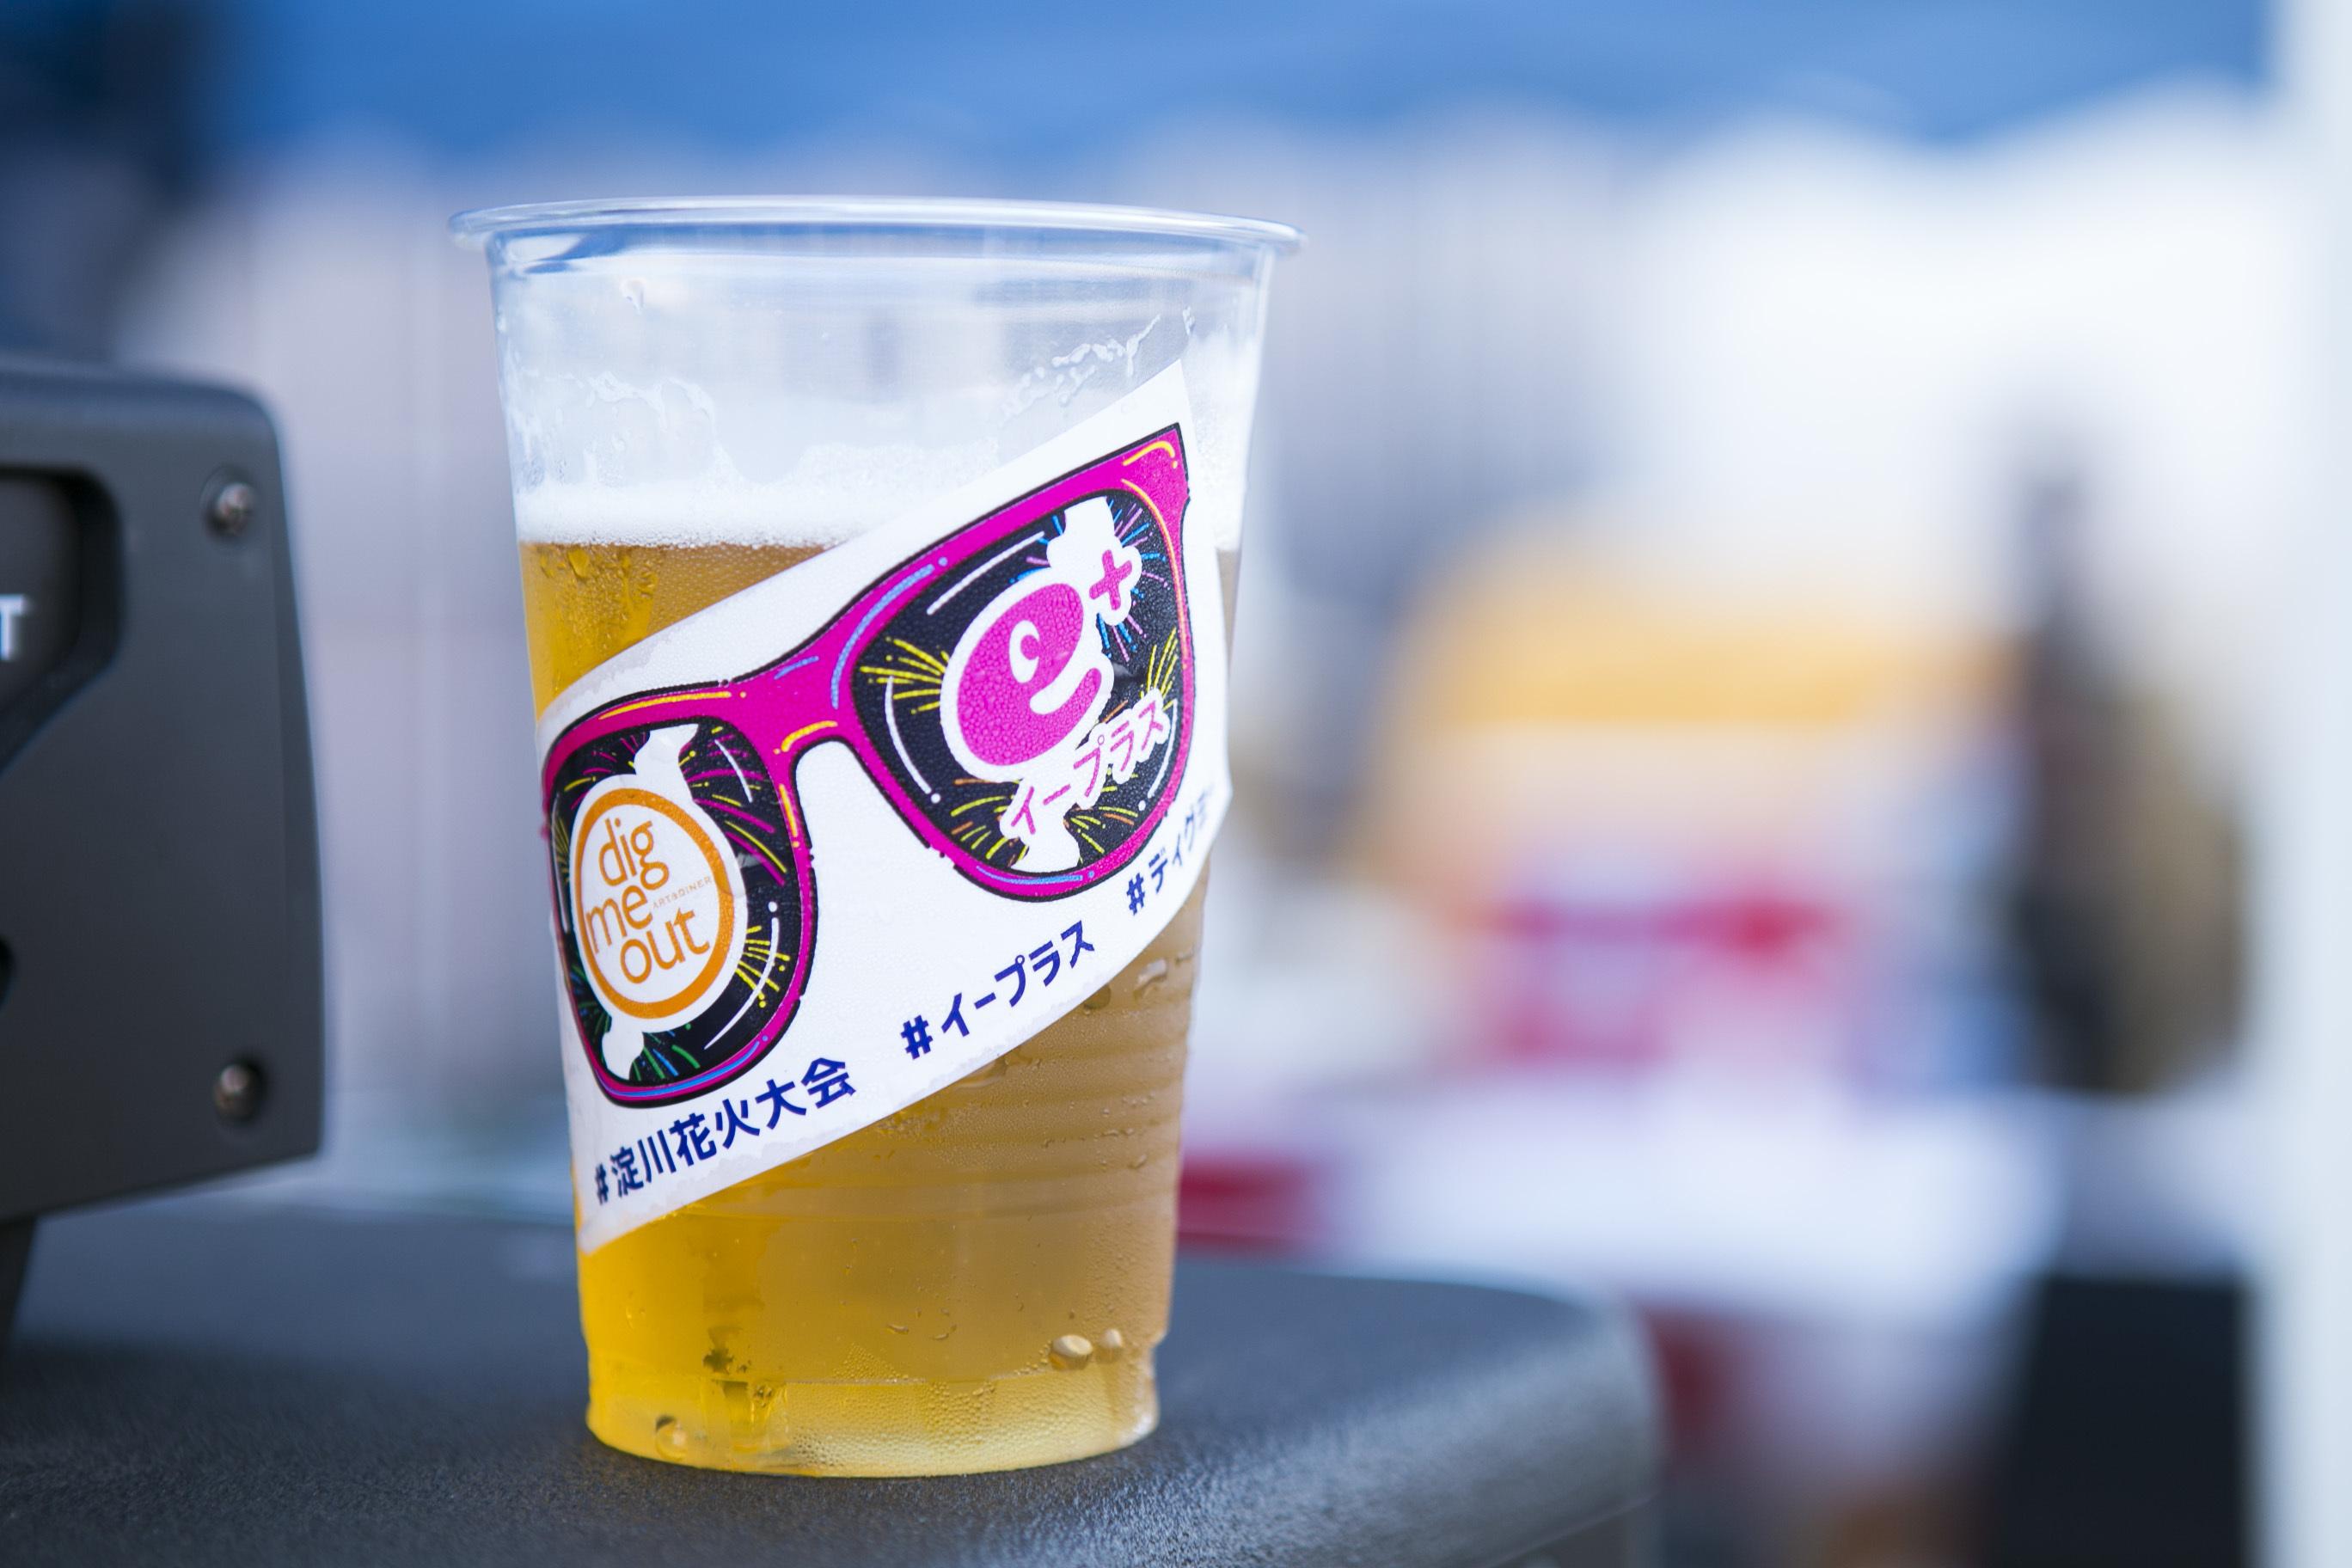 生ビールにはイープラス特設エリアオリジナルステッカーが